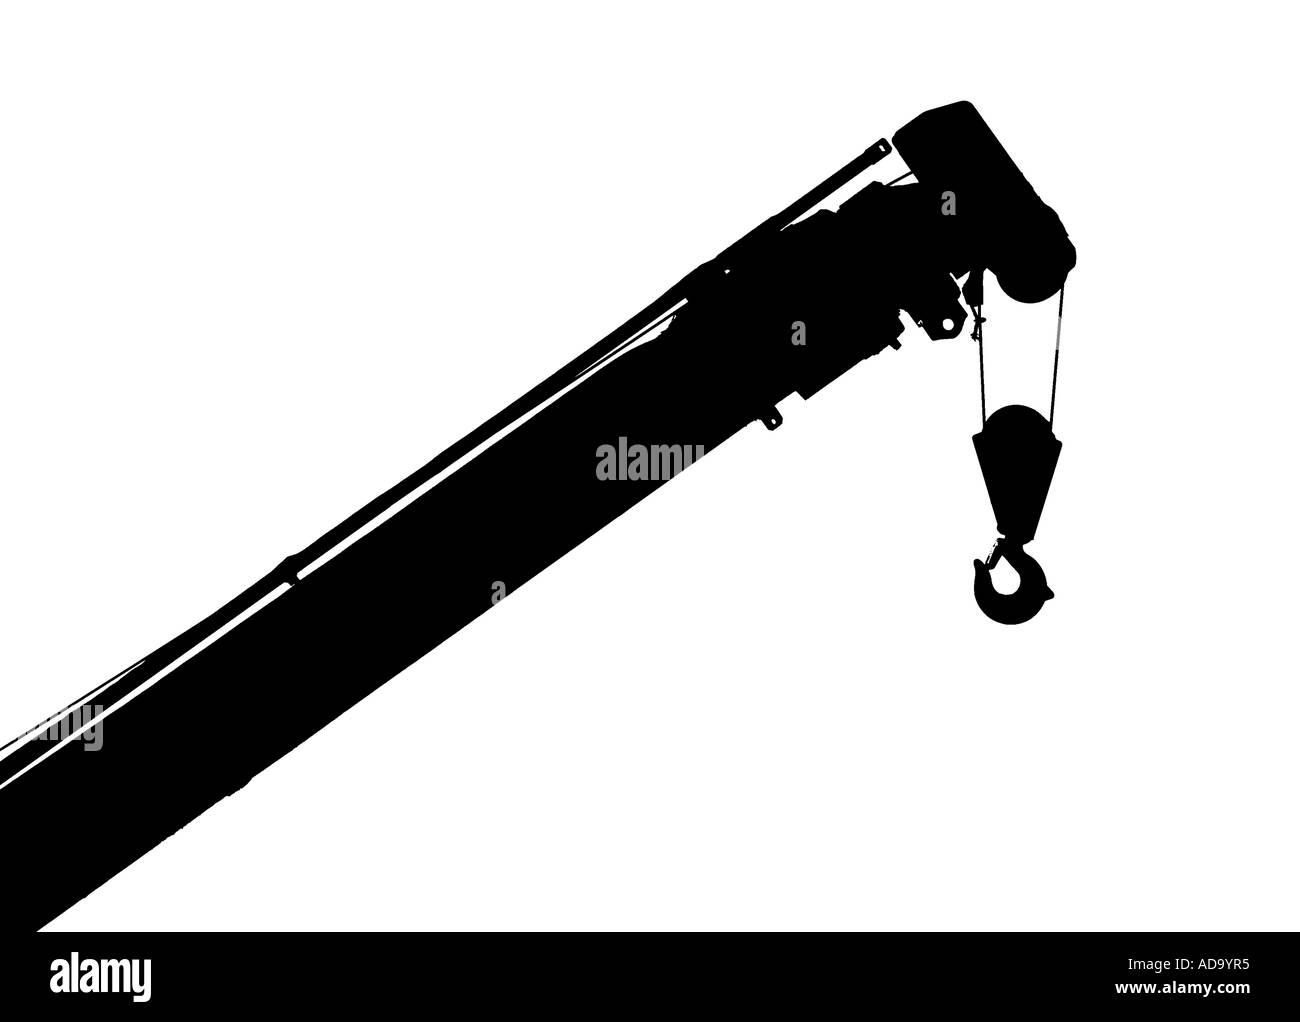 Flèche et crochet d'une petite grue Photo Stock